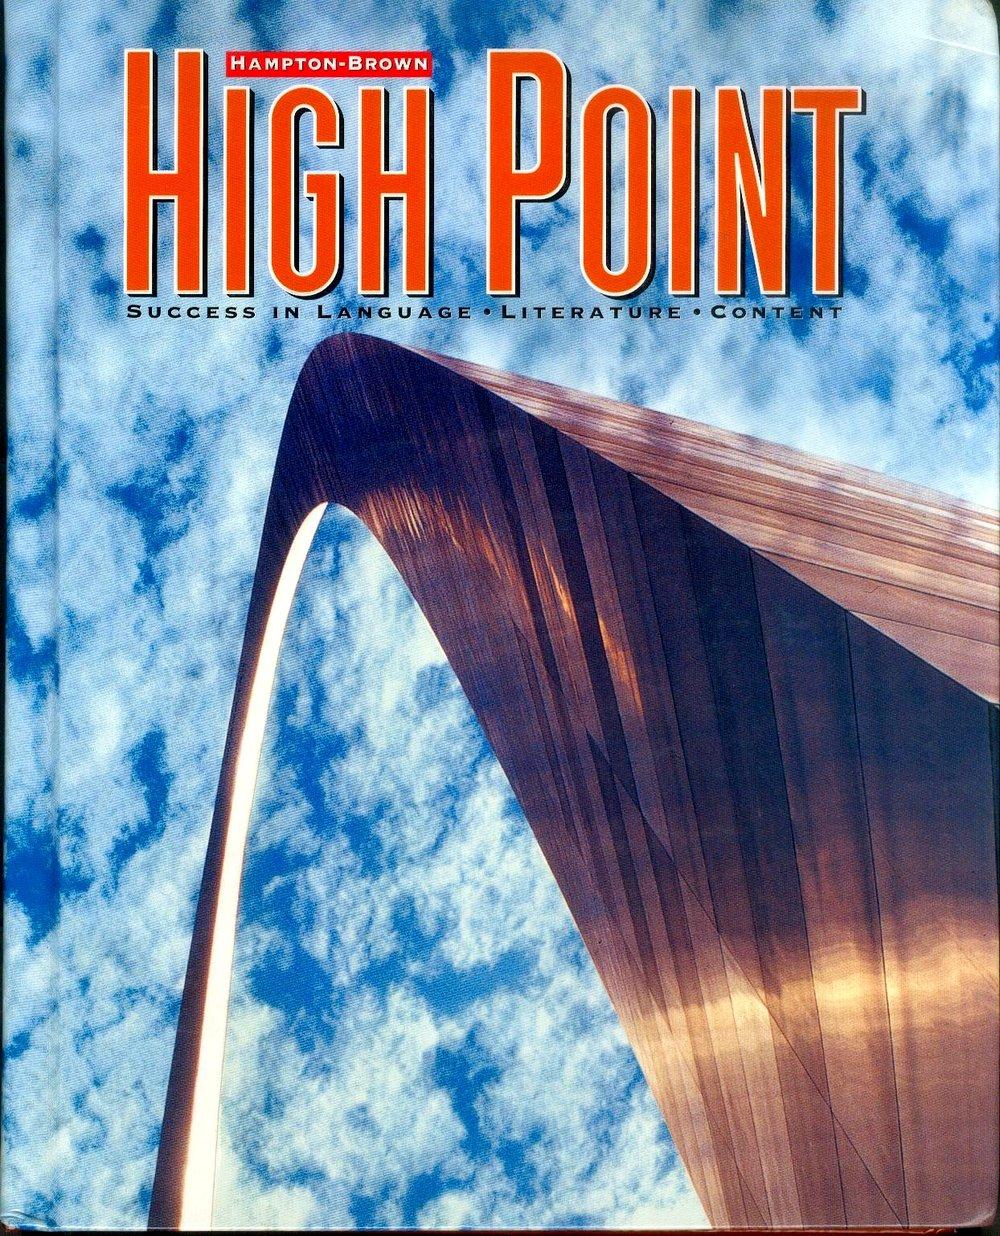 HighPoint1.jpg